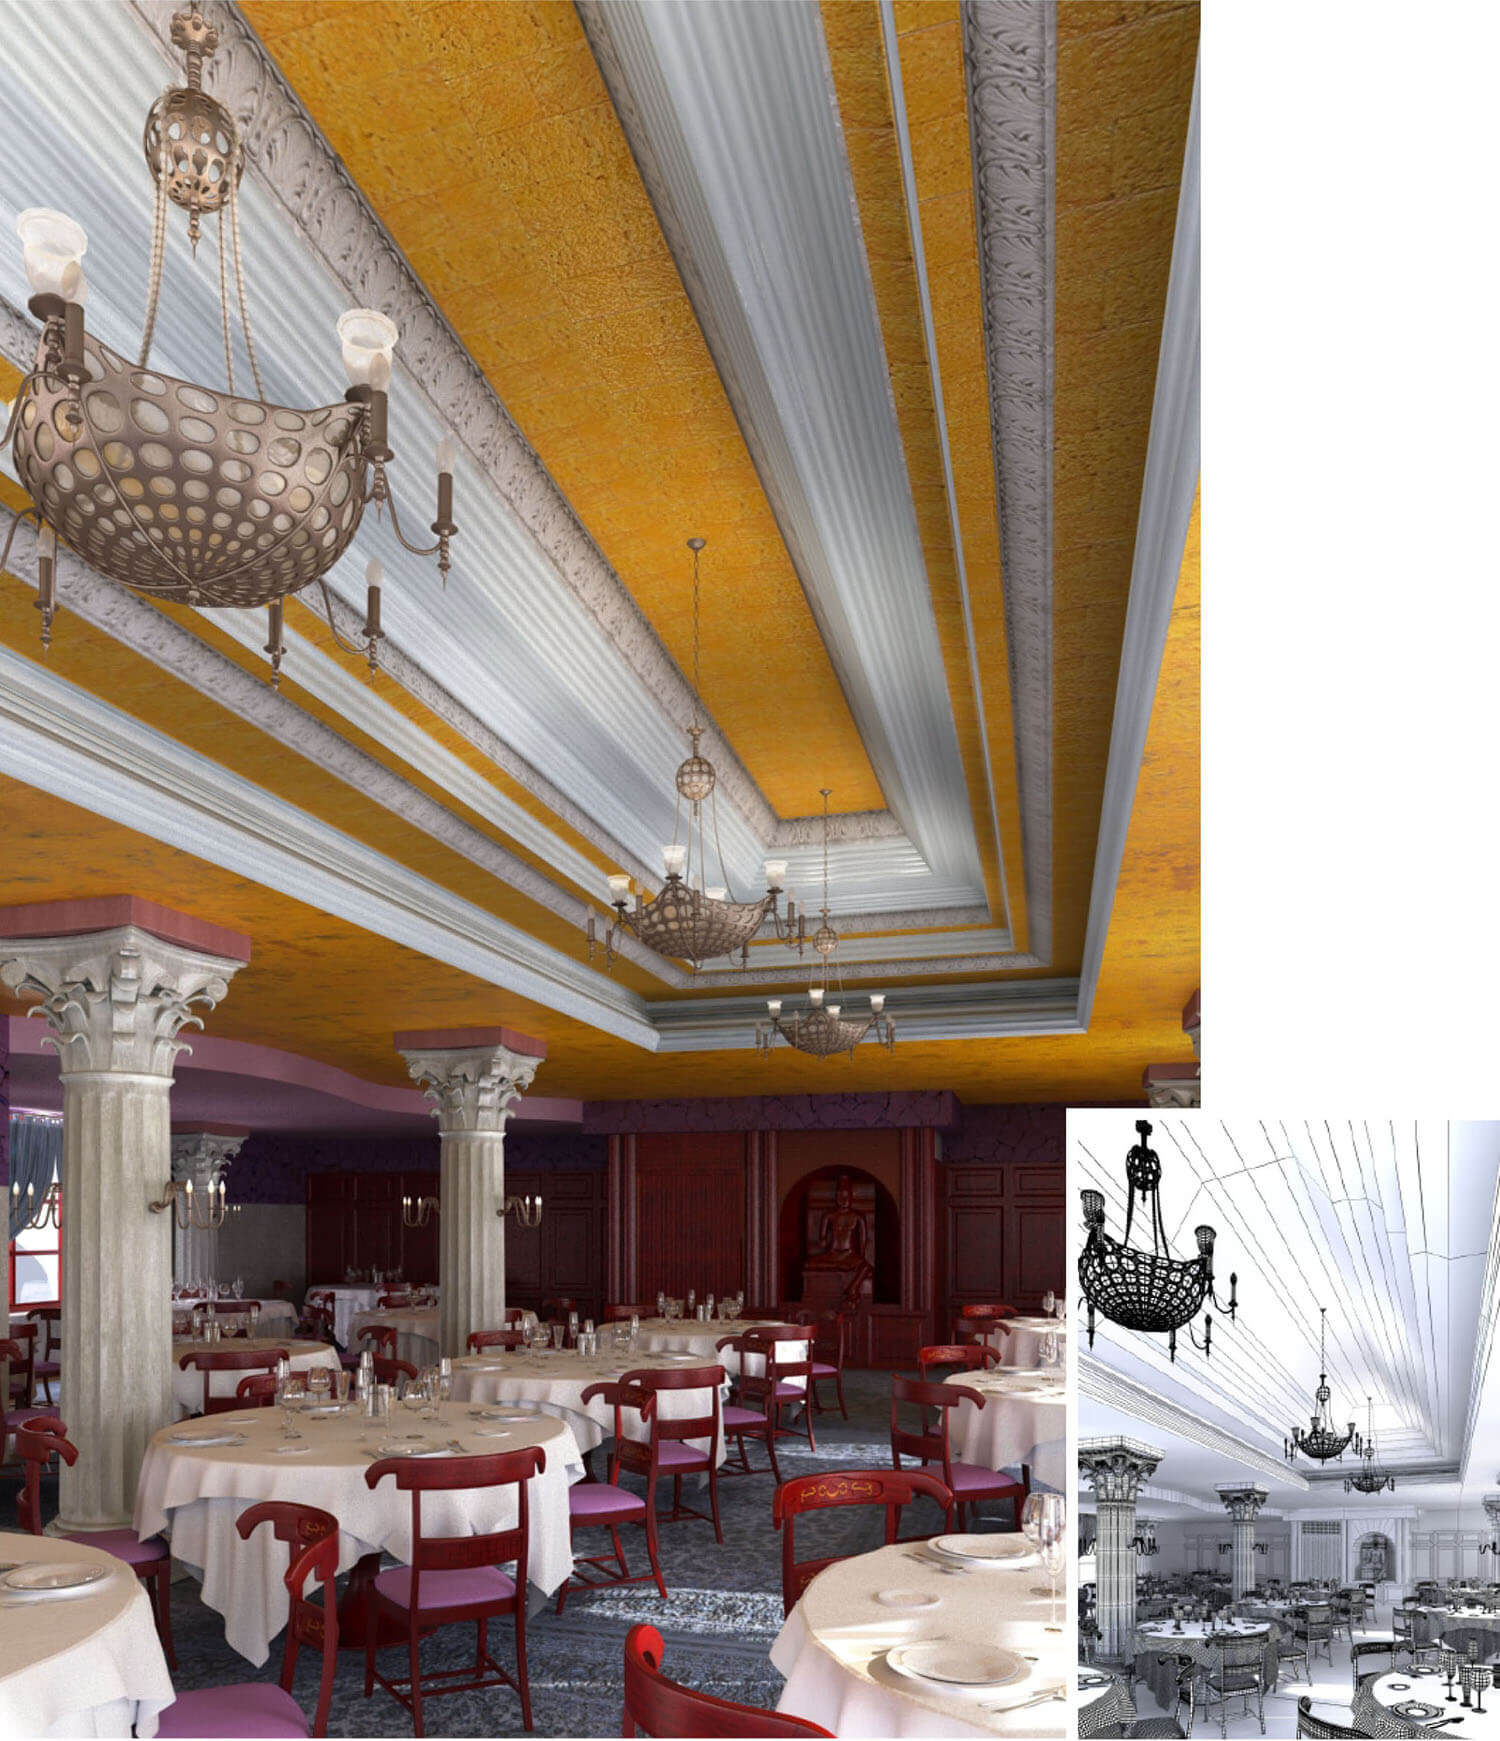 Thiết kế nhà hàng cổ điển với trụ đỡ và trần được trạm chổ kiểu cách